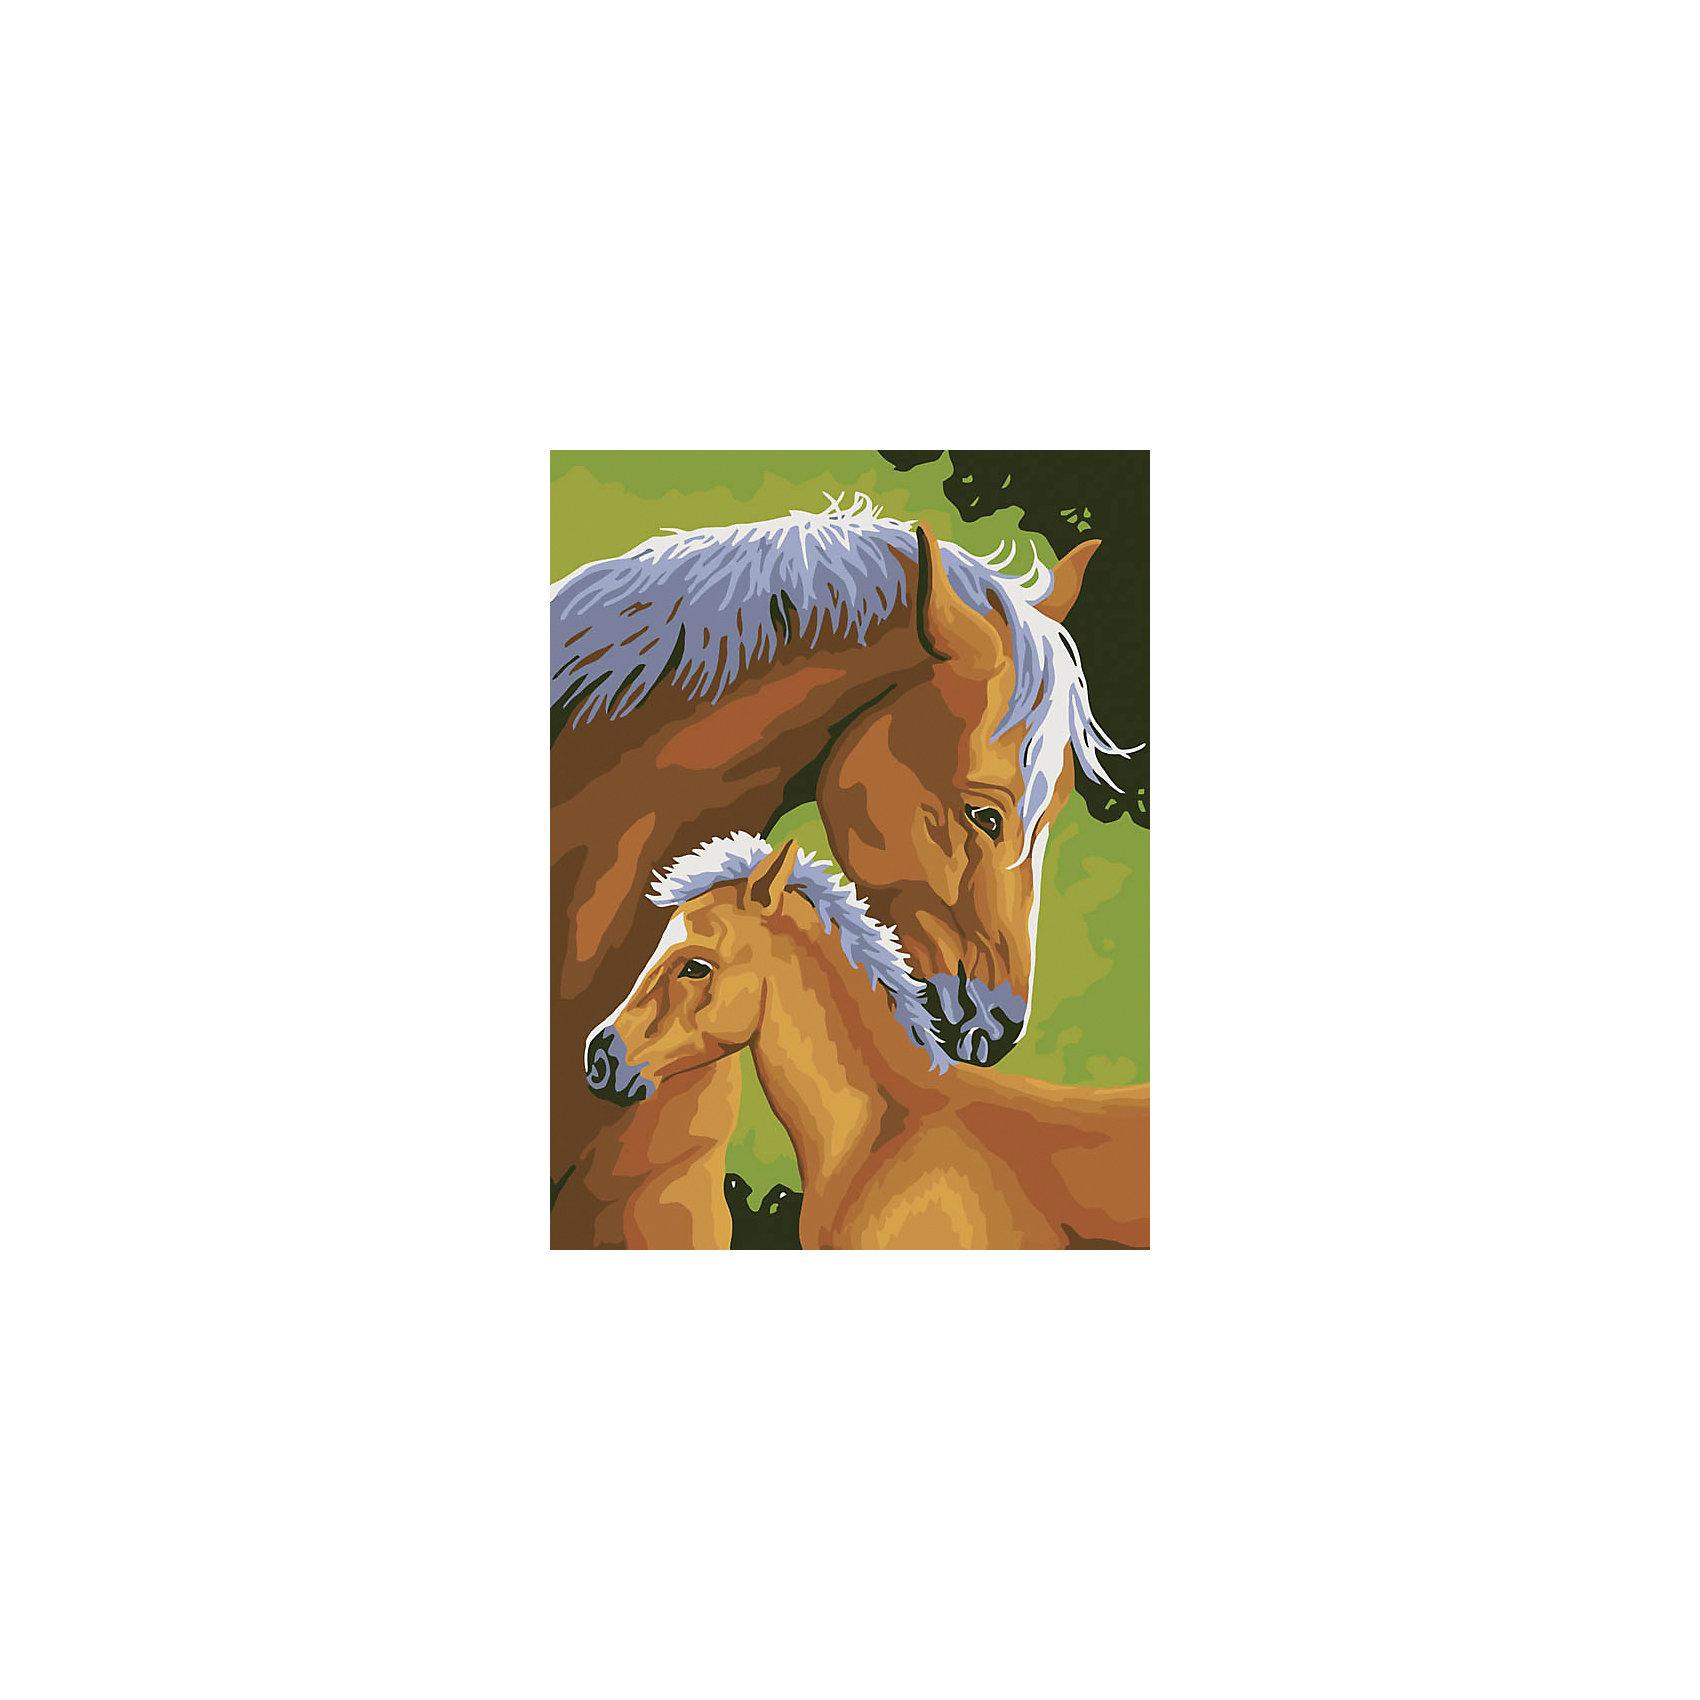 Живопись на холсте 30*40 см Лошадь и жеребенокРисование<br>Характеристики товара:<br><br>• цвет: разноцветный<br>• материал: акрил, картон<br>• размер: 30 x 40 см<br>• комплектация: полотно на подрамнике с контурами рисунка, пробный лист с рисунком, набор акриловых красок, три кисти, крепление на стену для картины<br>• для детей от шести лет и взрослых<br>• не требует специальных навыков<br>• страна бренда: Китай<br>• страна изготовитель: Китай<br><br>Рисование - это занятие, которое любят многие дети и взрослые. Оно помогает развить важные навыки и просто приносит удовольствие! Чтобы вселить в ребенка уверенность в своих силах, можно предложить ему этот набор - в нем уже есть сюжет, контуры рисунка и участки с номерами, которые обозначают определенную краску из набора. Все оттенки уже готовы, задача художника - аккуратно, с помощью кисточек из набора, нанести краски на определенный участок полотна.<br>Взрослым также понравится этот процесс, рисовать можно и вместе с малышом! В итоге получается красивая картина, которой можно украсить интерьер. Рисование способствует развитию мелкой моторики, воображения, цветовосприятия, творческих способностей и усидчивости. Набор отлично проработан, сделан из качественных и проверенных материалов, которые безопасны для детей. Краски - акриловые, они быстро сохнут и легко смываются с кожи.<br><br>Живопись на холсте 30*40 см Лошадь и жеребенок от торговой марки Белоснежка можно купить в нашем интернет-магазине.<br><br>Ширина мм: 410<br>Глубина мм: 310<br>Высота мм: 25<br>Вес г: 567<br>Возраст от месяцев: 72<br>Возраст до месяцев: 144<br>Пол: Унисекс<br>Возраст: Детский<br>SKU: 5089677